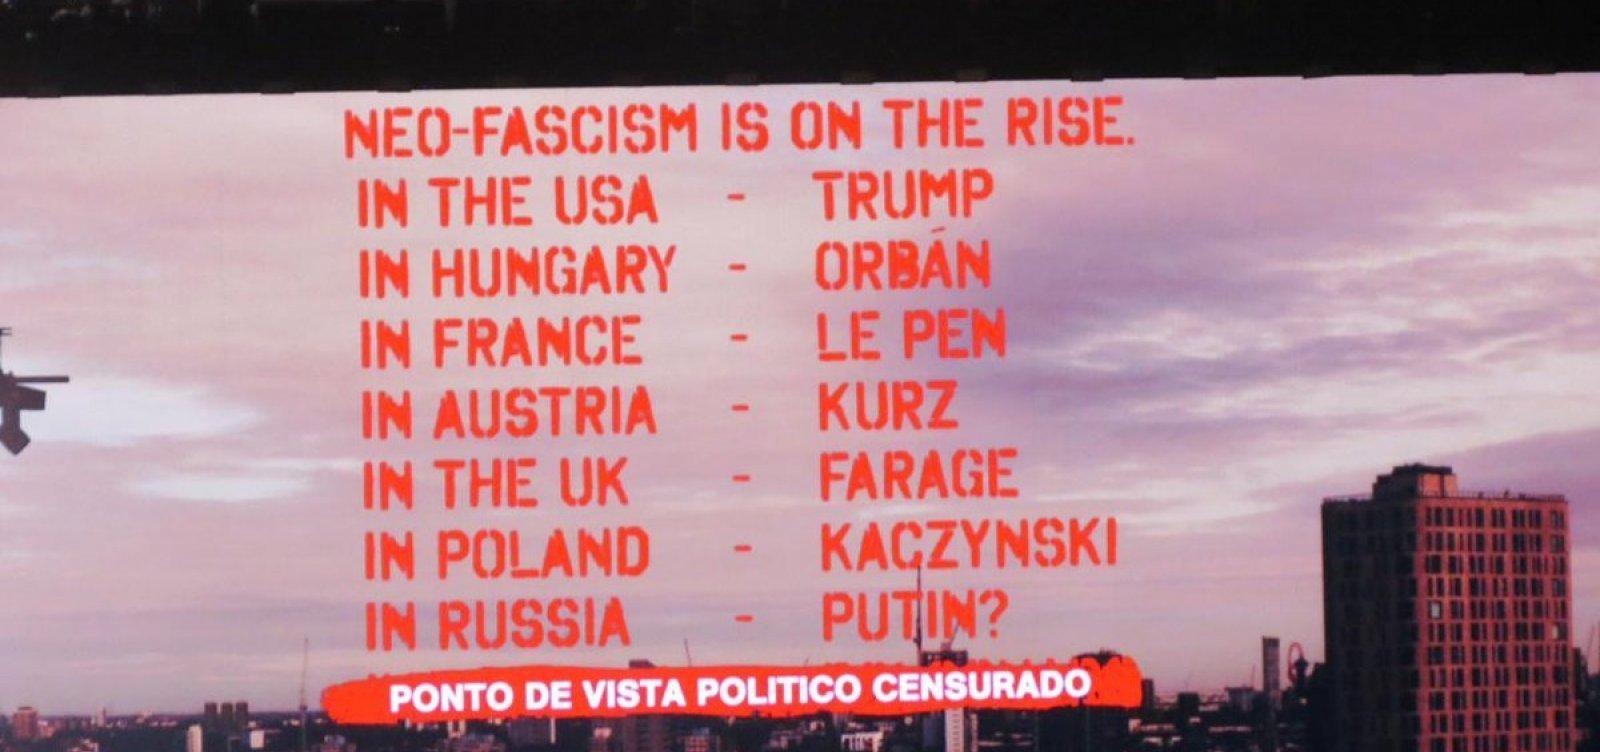 Roger Waters volta a protestar contra Bolsonaro